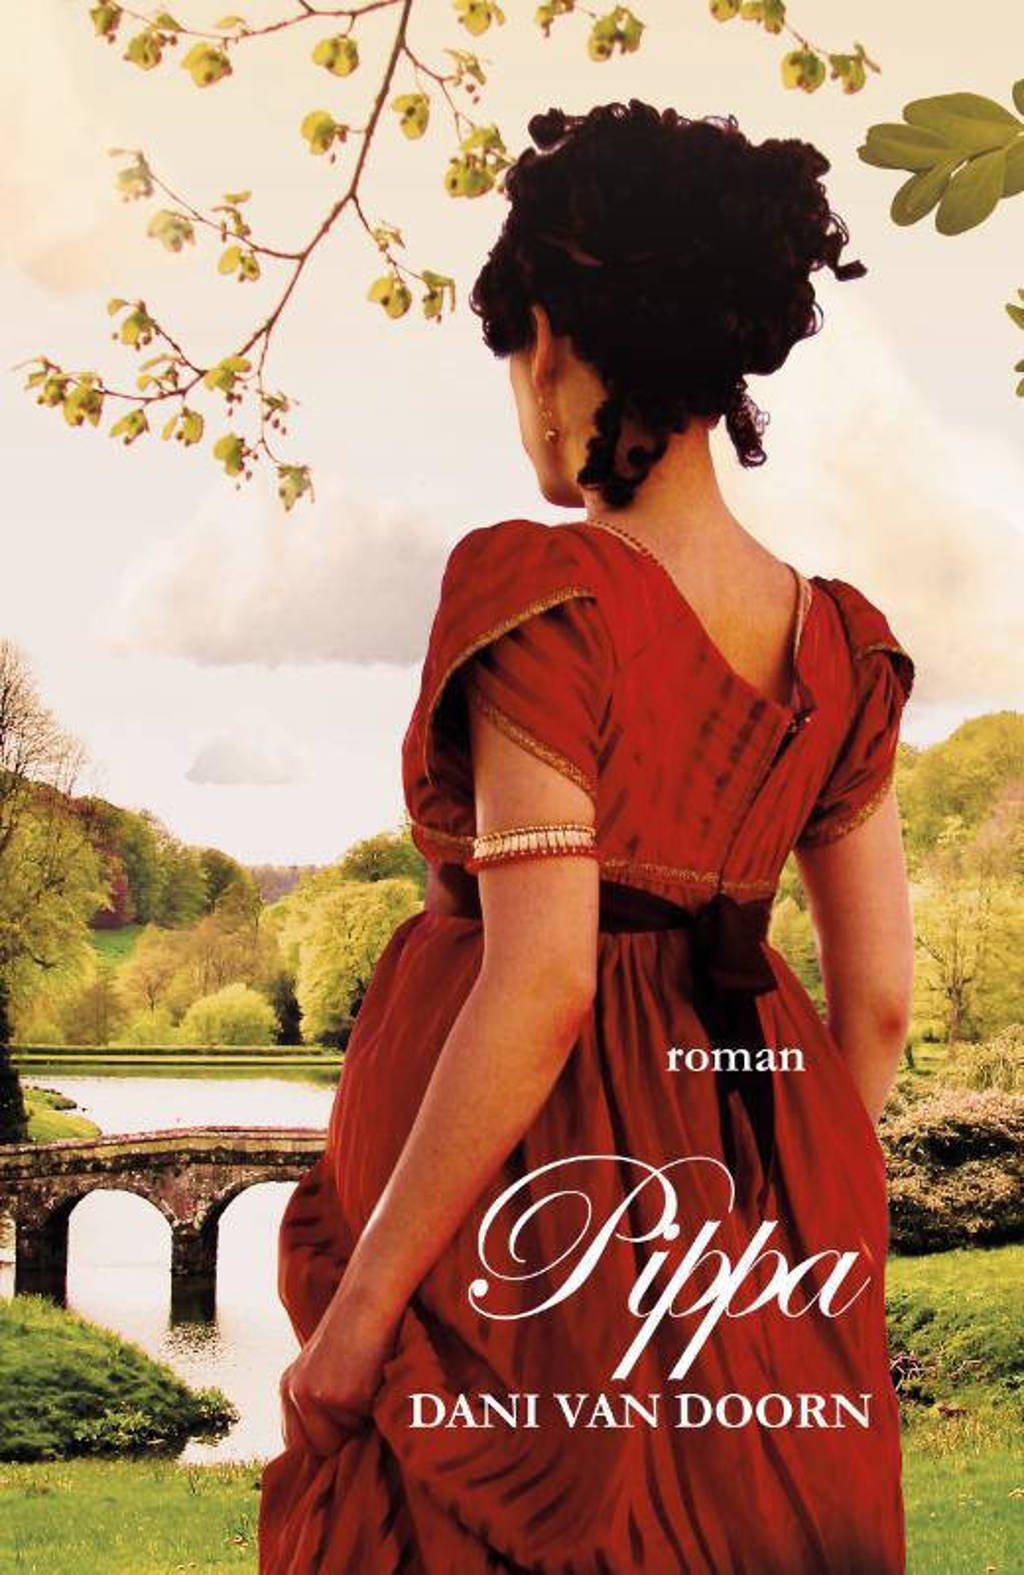 Tussen Londen en Surrey: Pippa - Dani Van Doorn